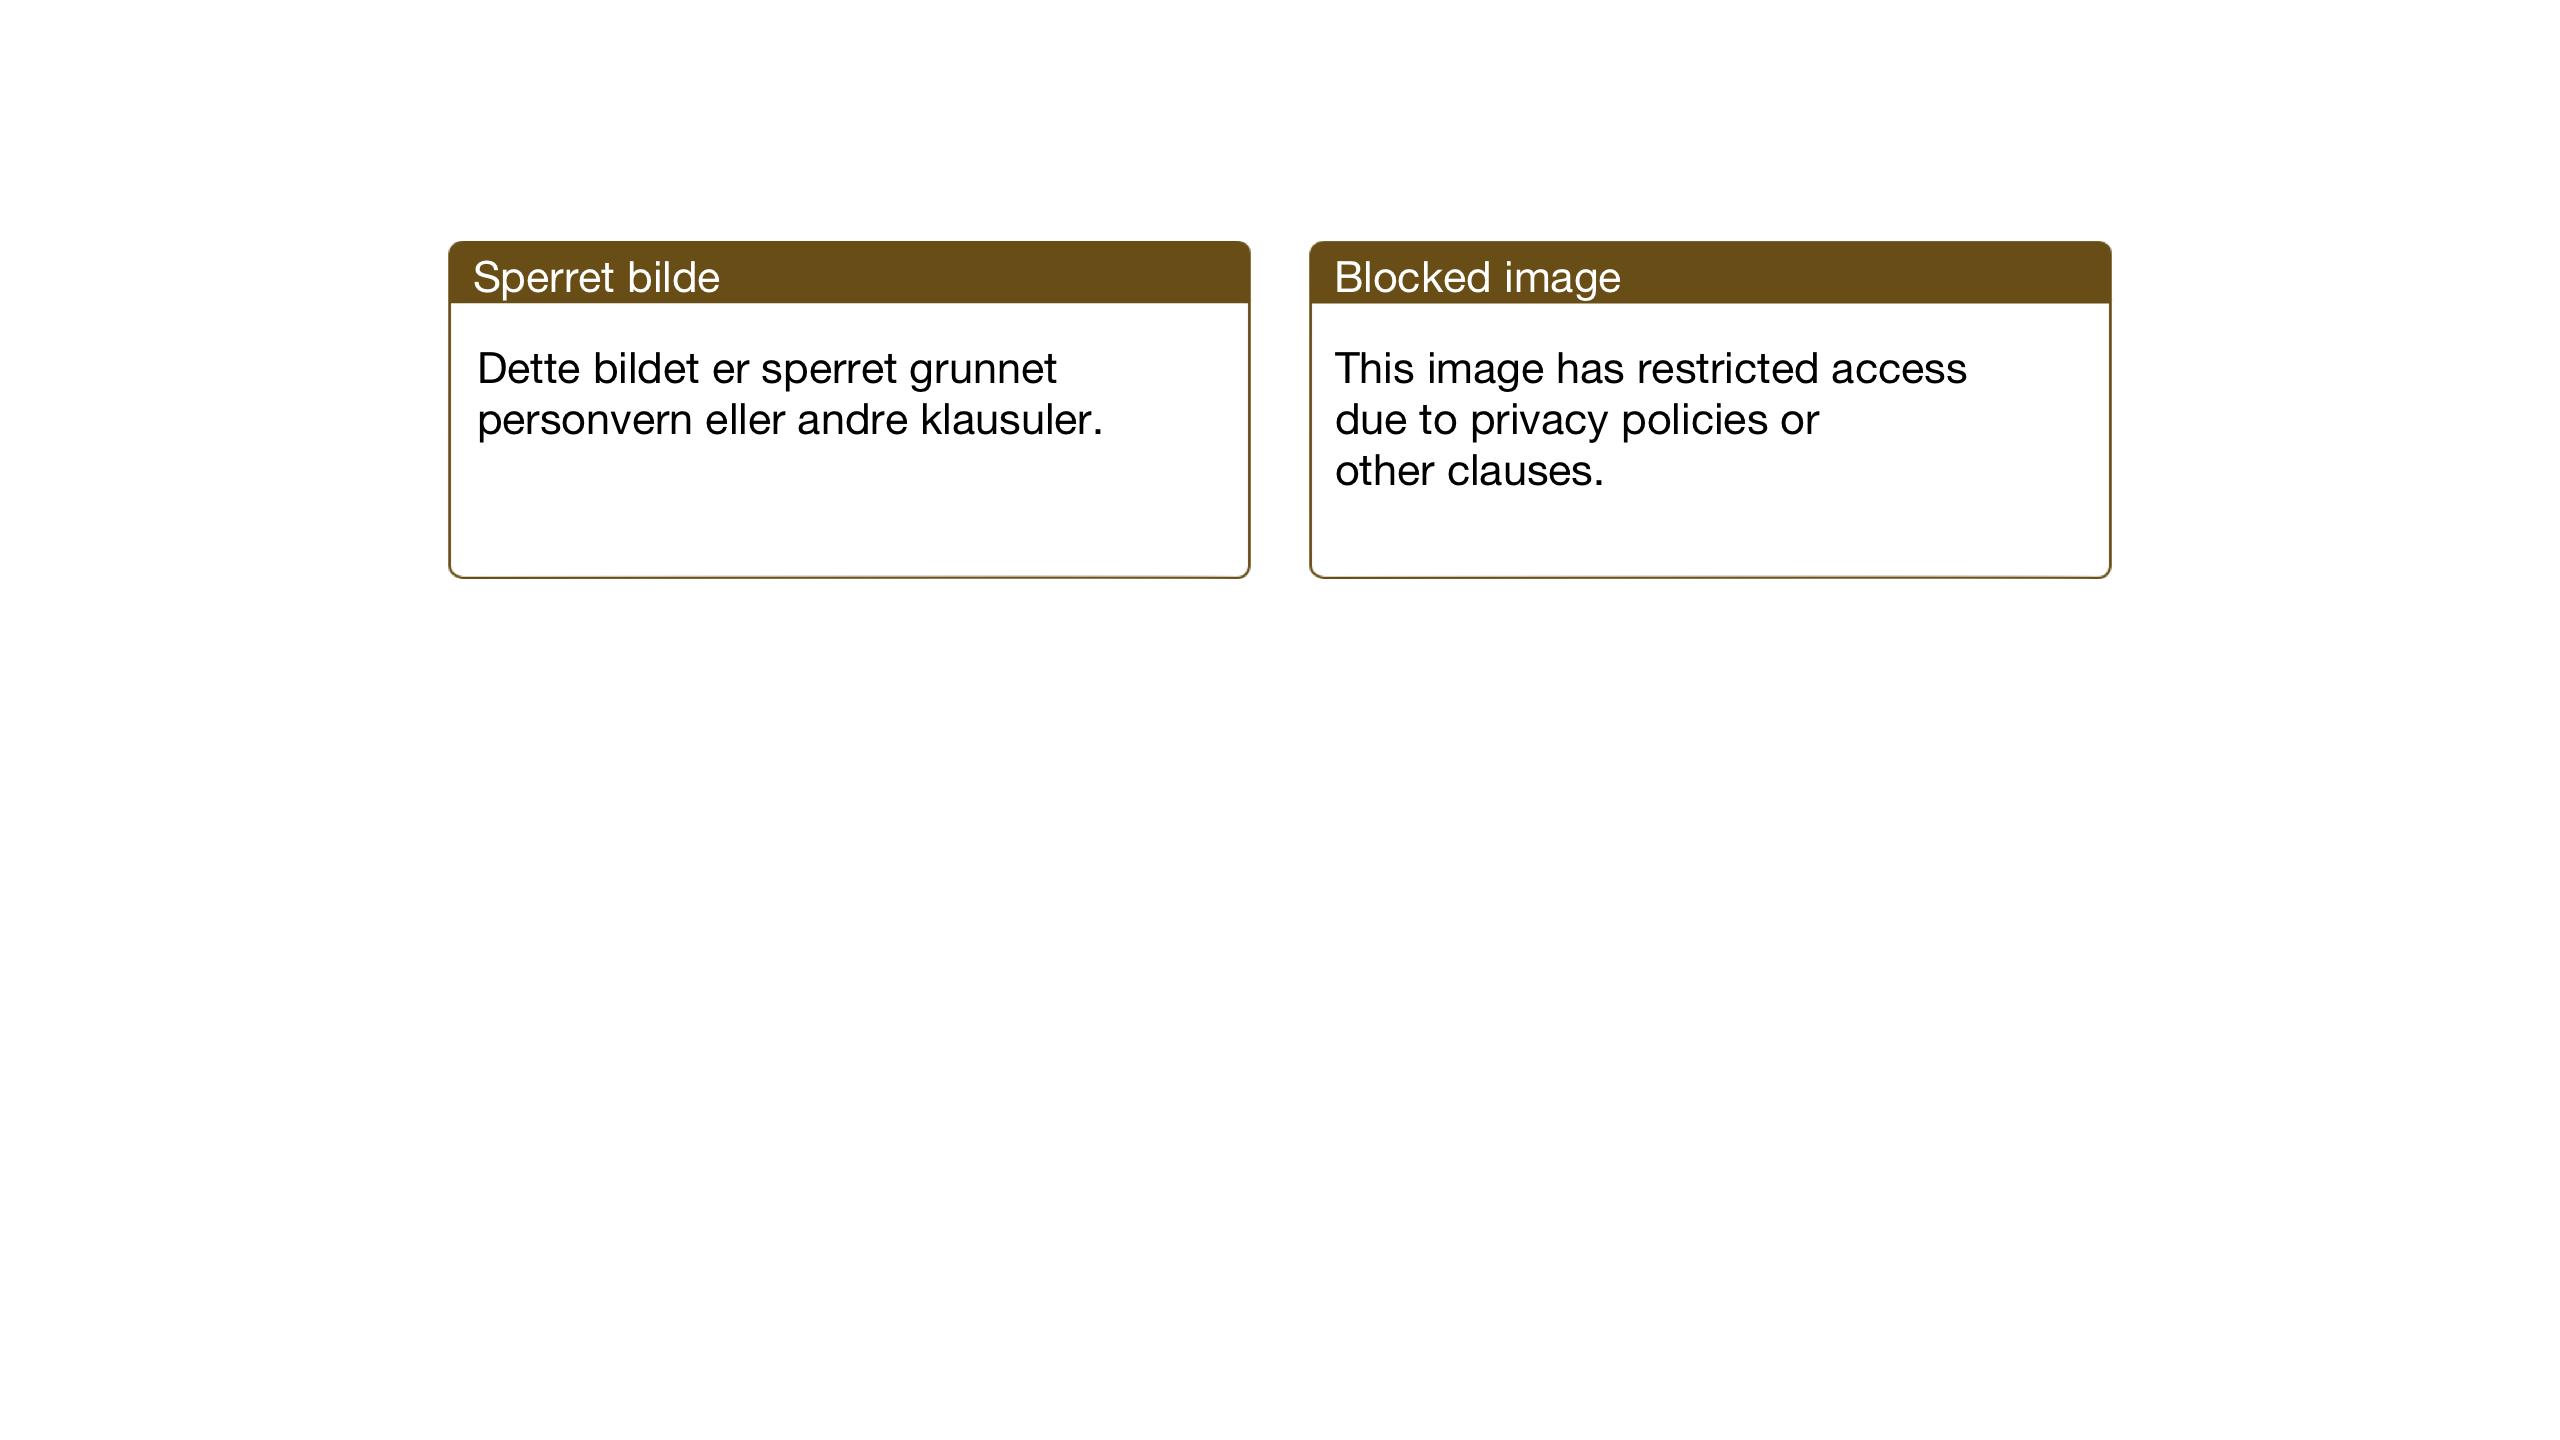 SAT, Ministerialprotokoller, klokkerbøker og fødselsregistre - Sør-Trøndelag, 662/L0758: Klokkerbok nr. 662C03, 1918-1948, s. 168